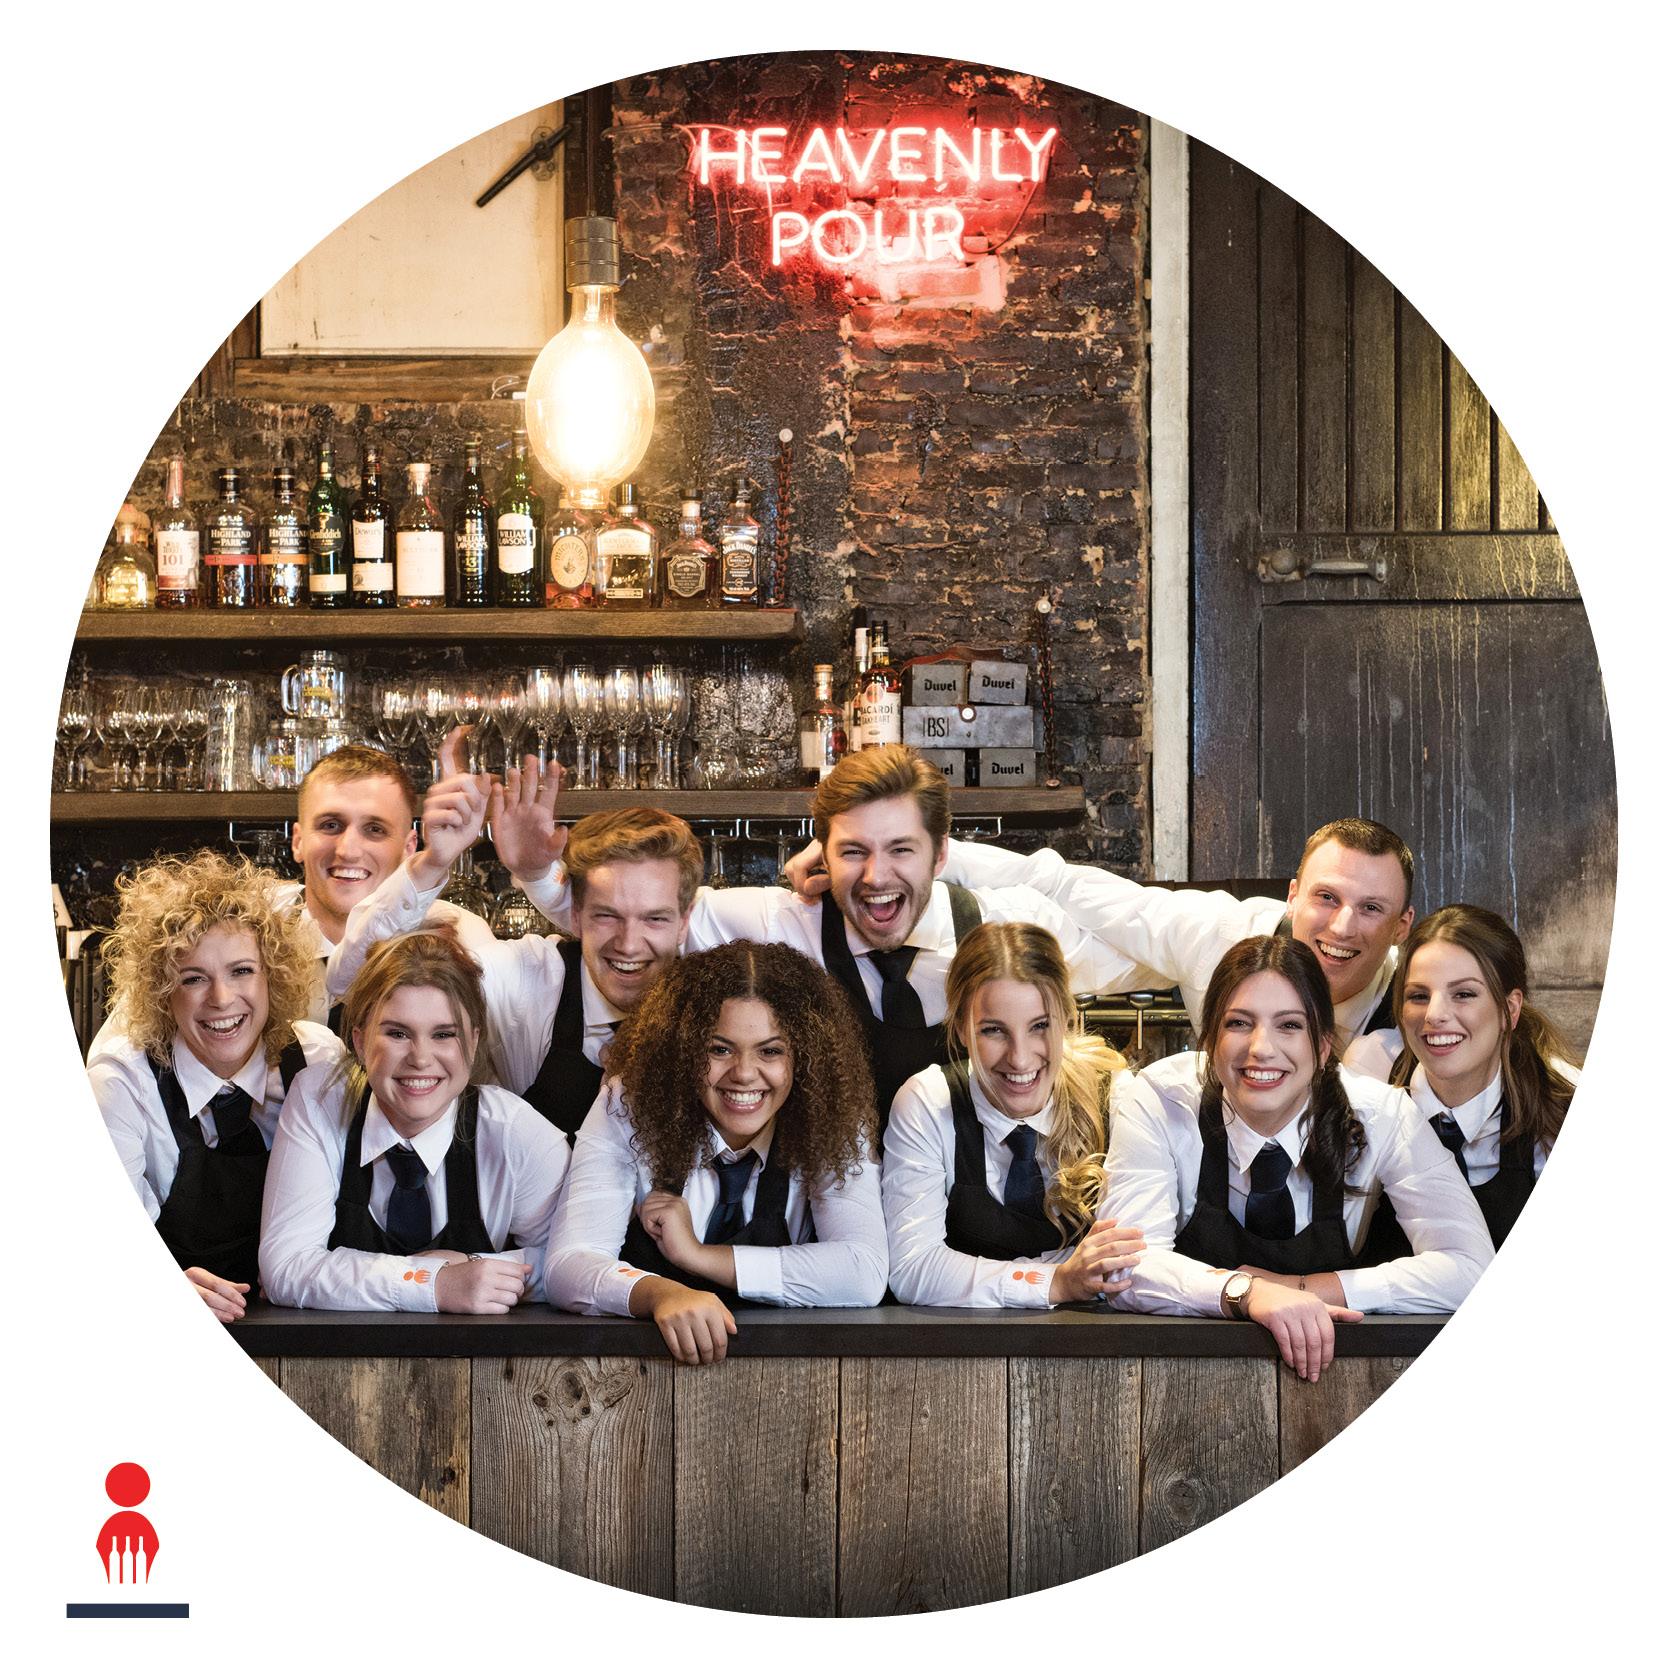 PION horeca promotie food entertainment Bergen op Zoom uitzendbureau